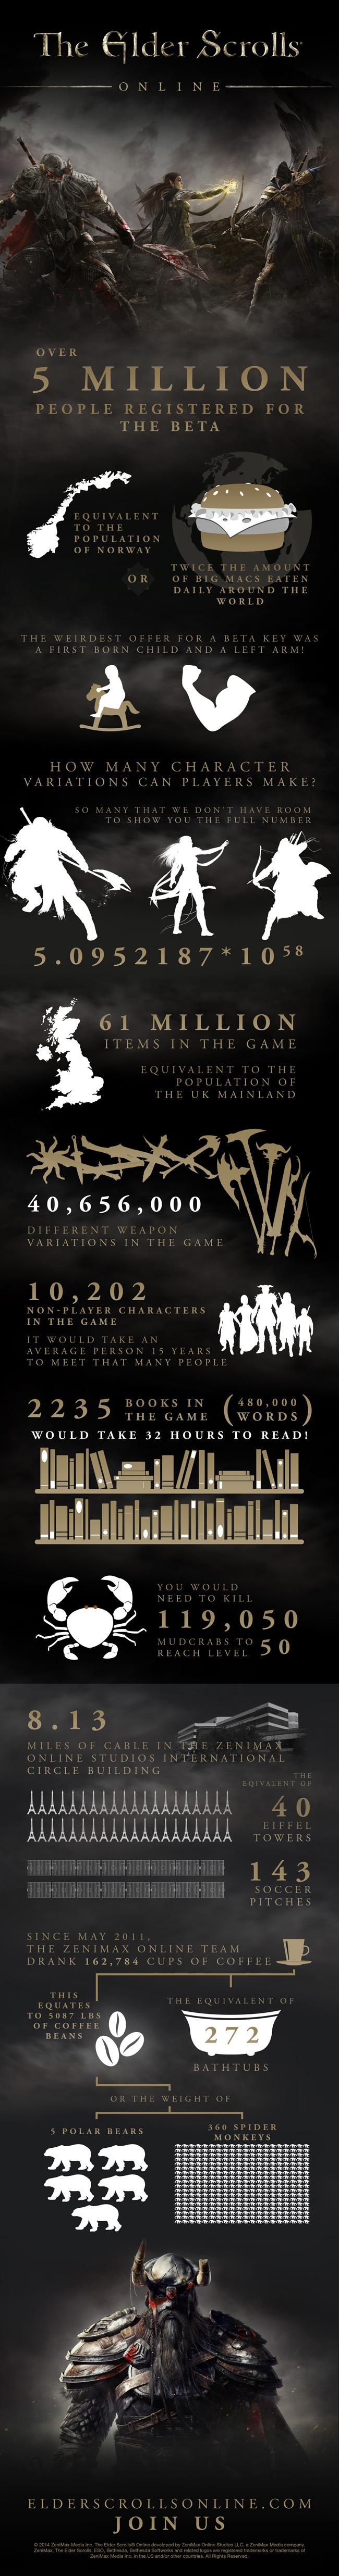 Jimeee/The Elder Scrolls Online: By the Numbers